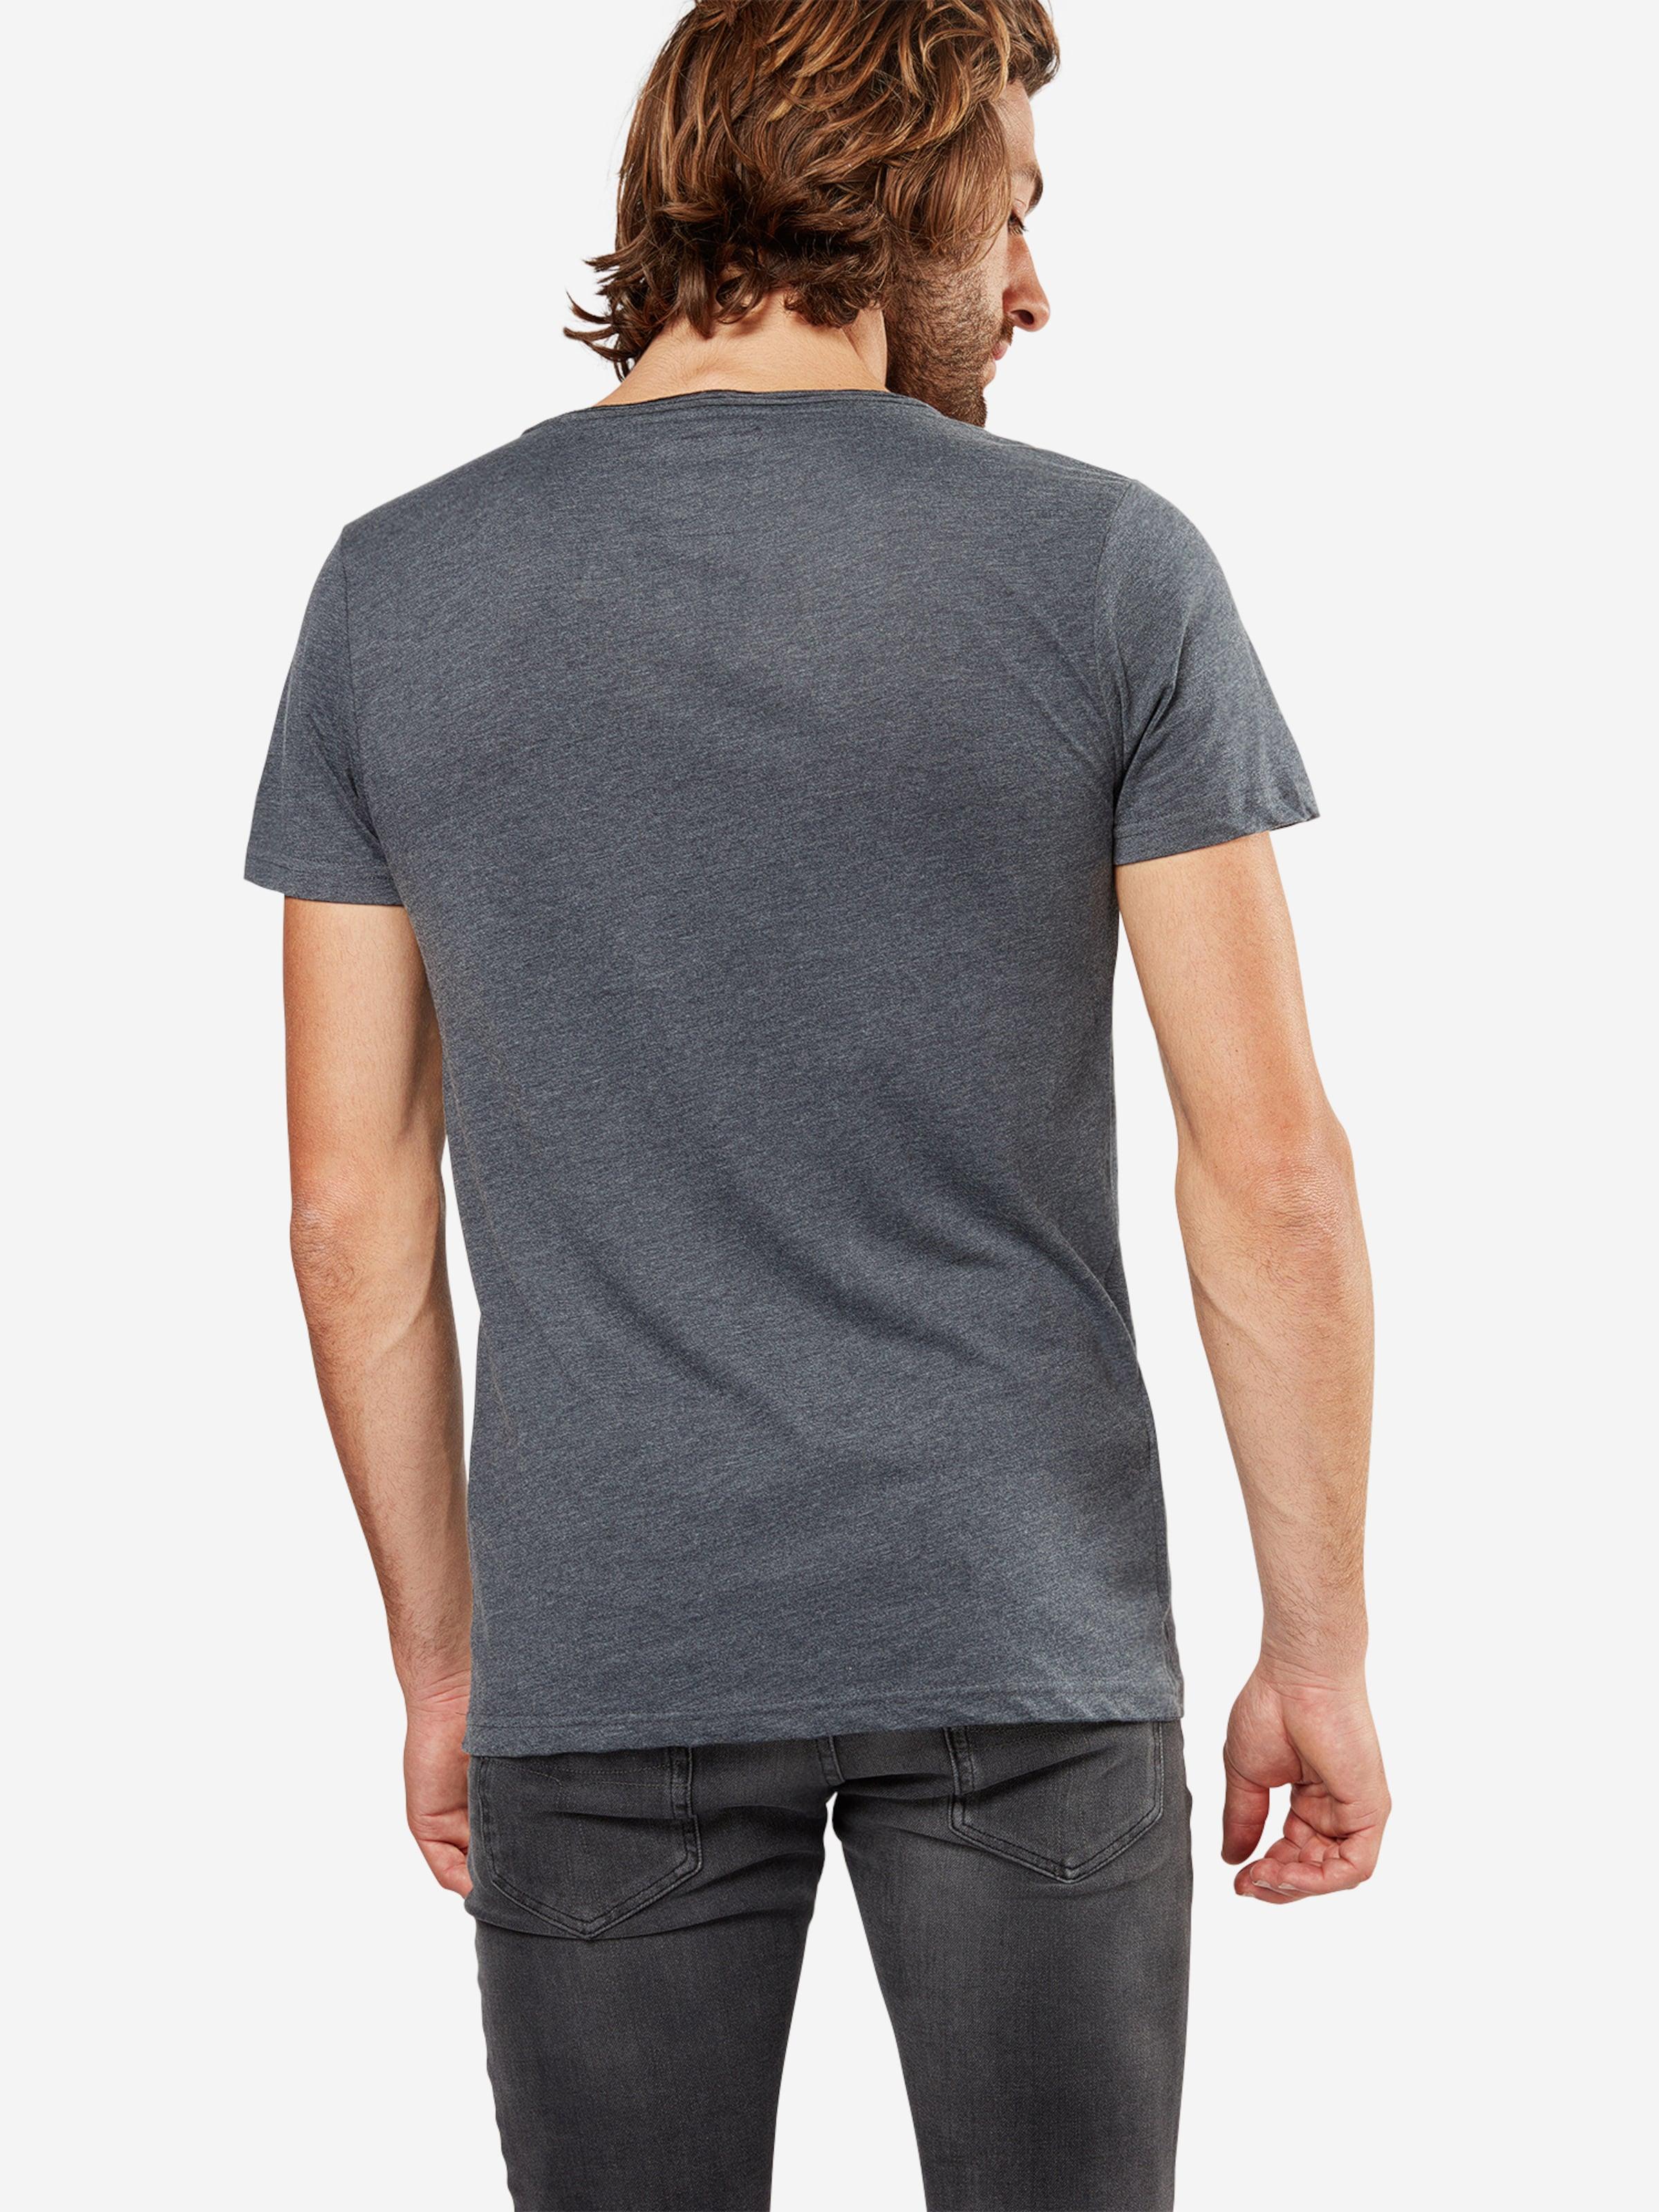 Review T-Shirt Online-Shopping-Original Rabatt Für Billig Verkauf Vermarktbare Original Günstig Online Spielraum Erschwinglich yx6JE